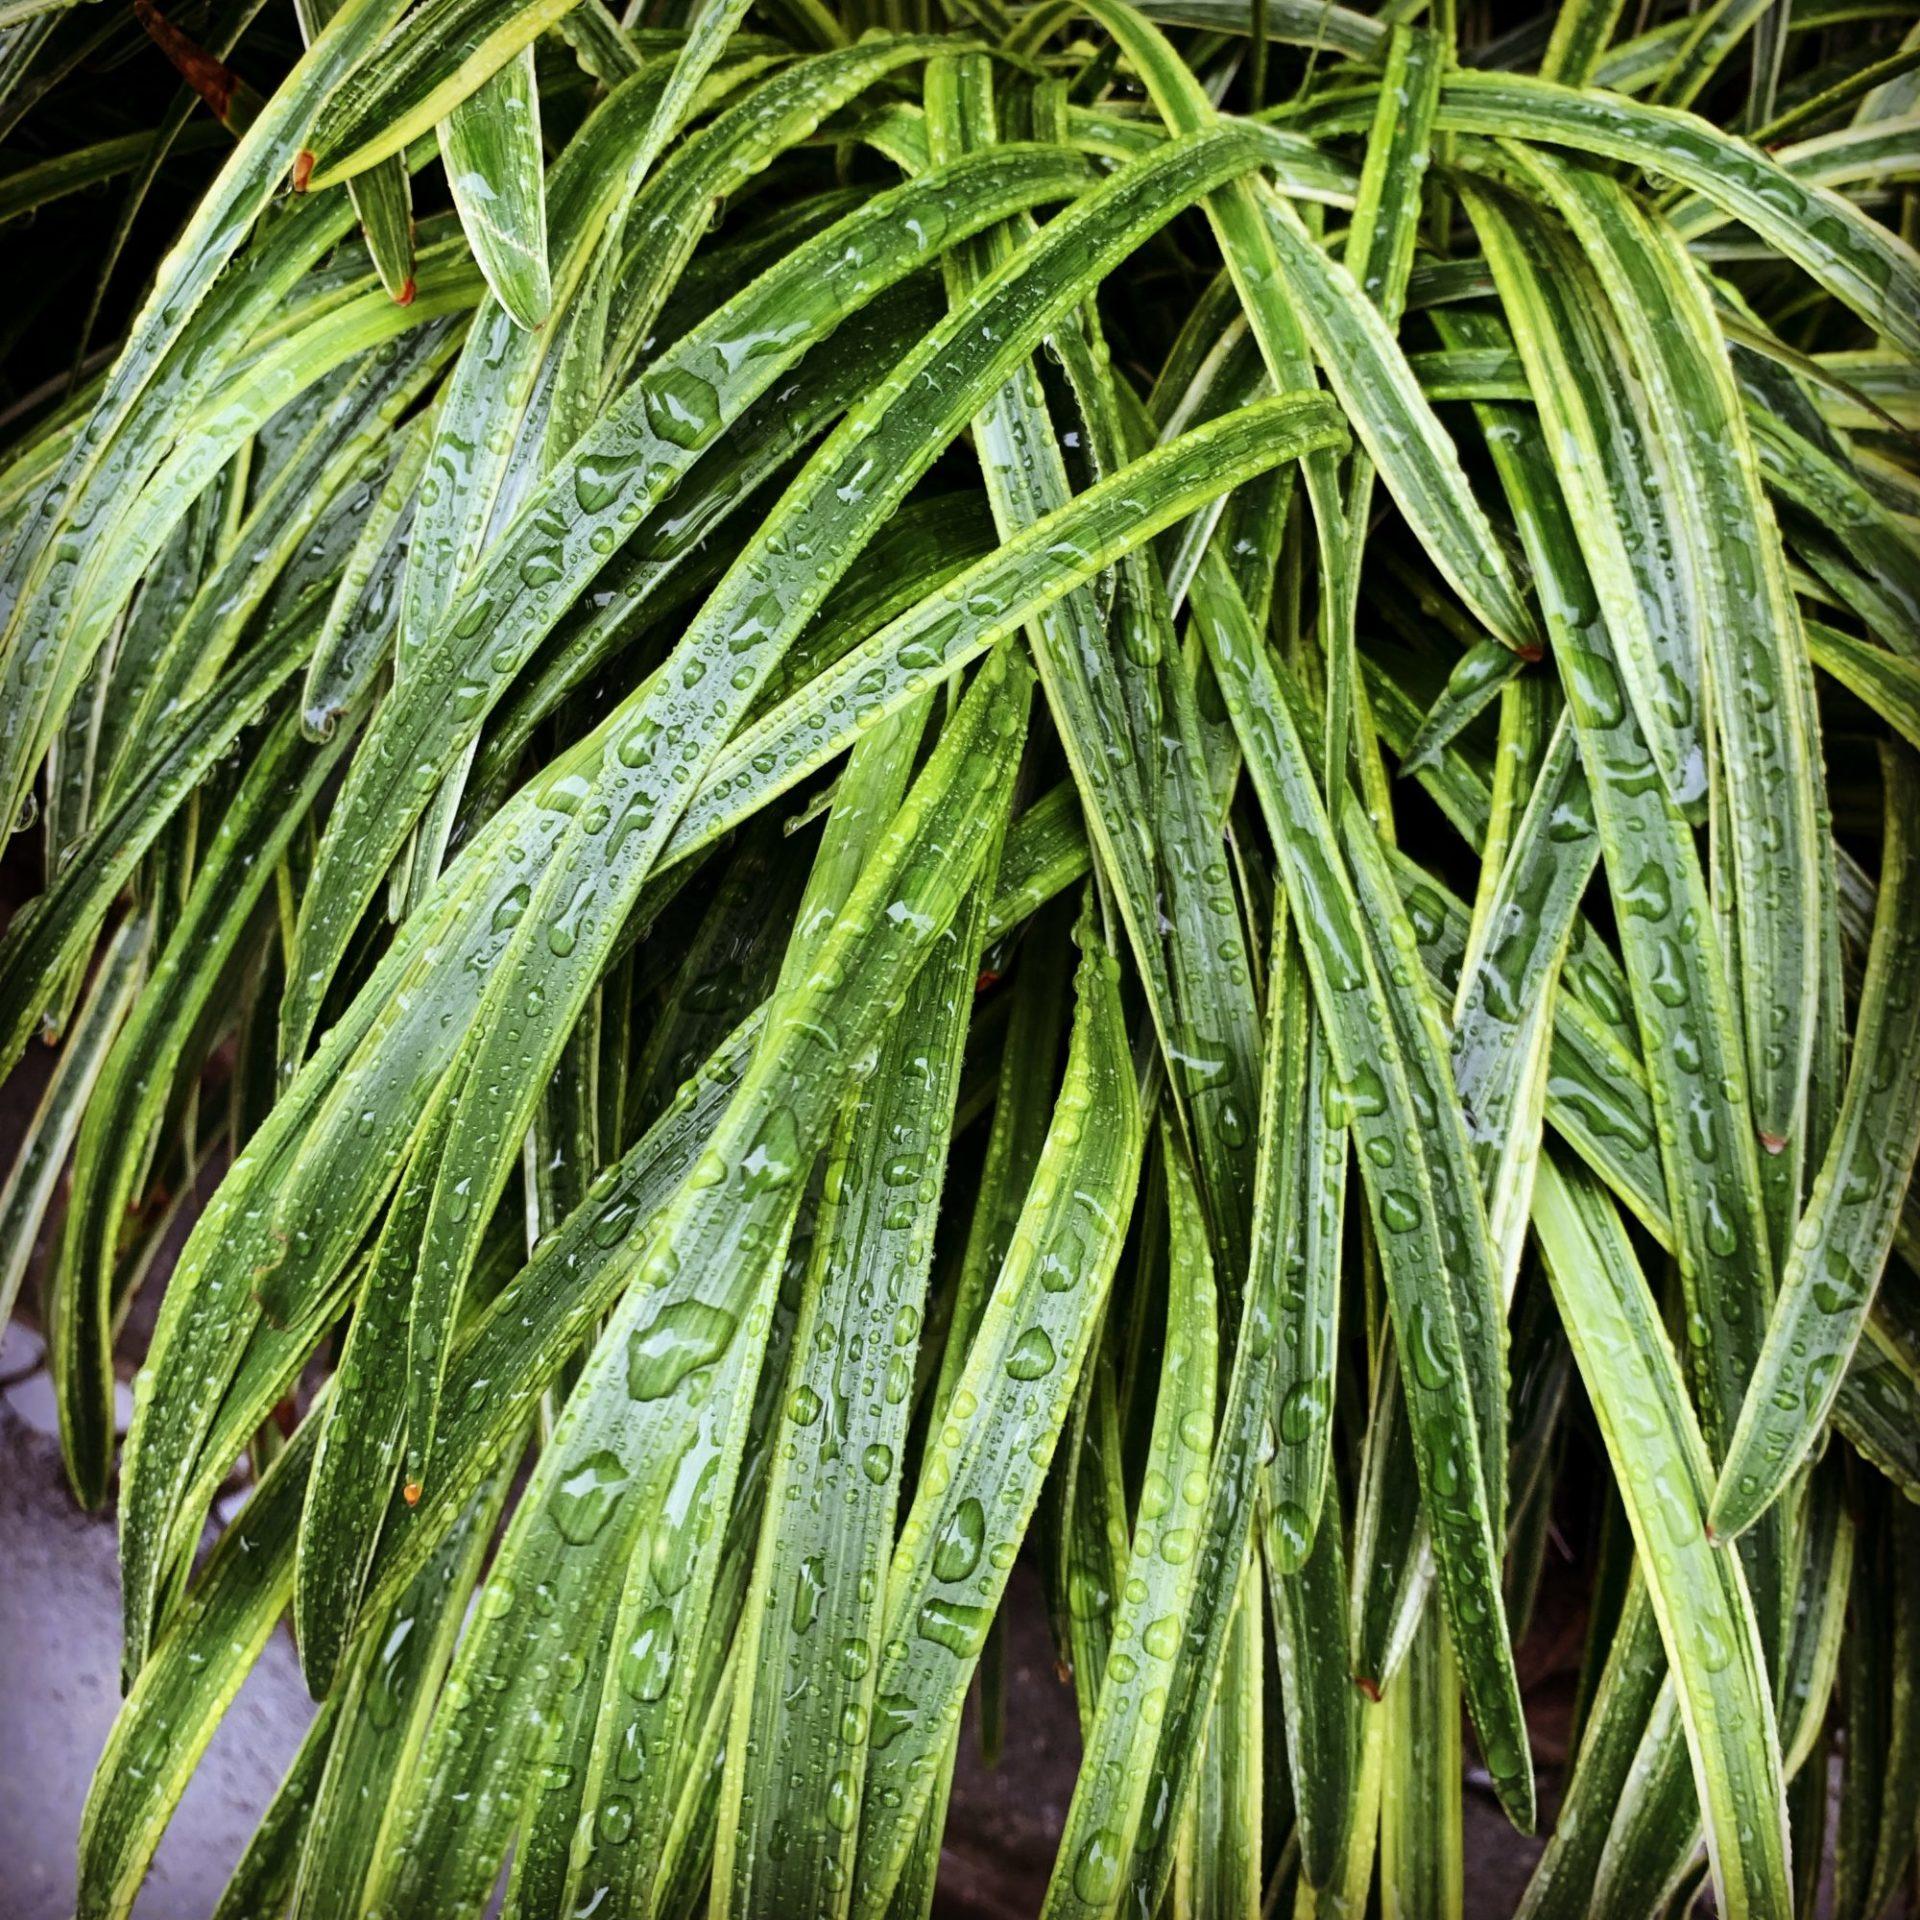 雨に濡れていた葉っぱ